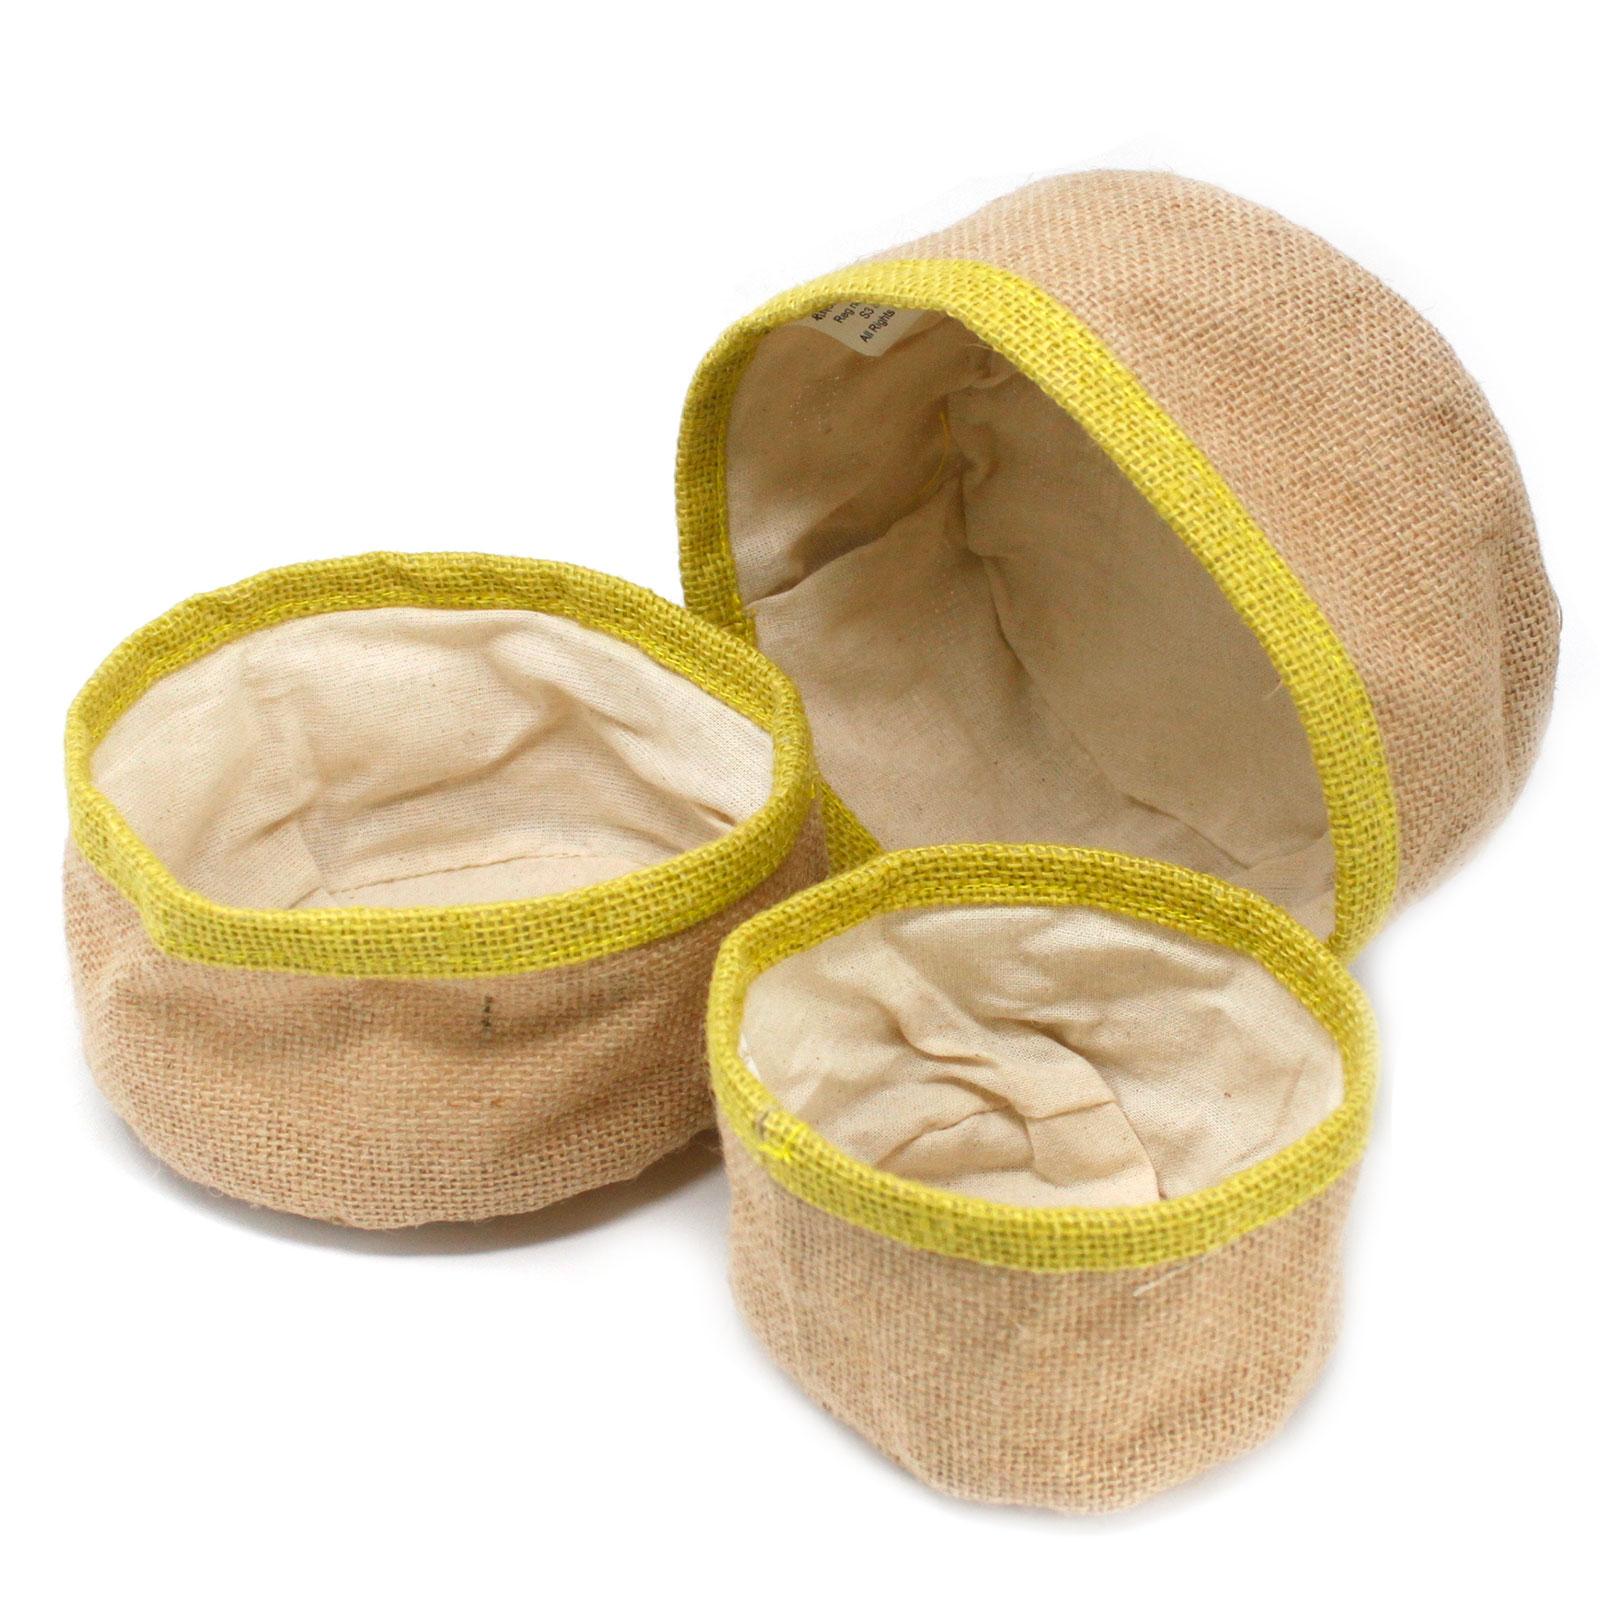 Set of 3 Natural Jute Baskets Olive